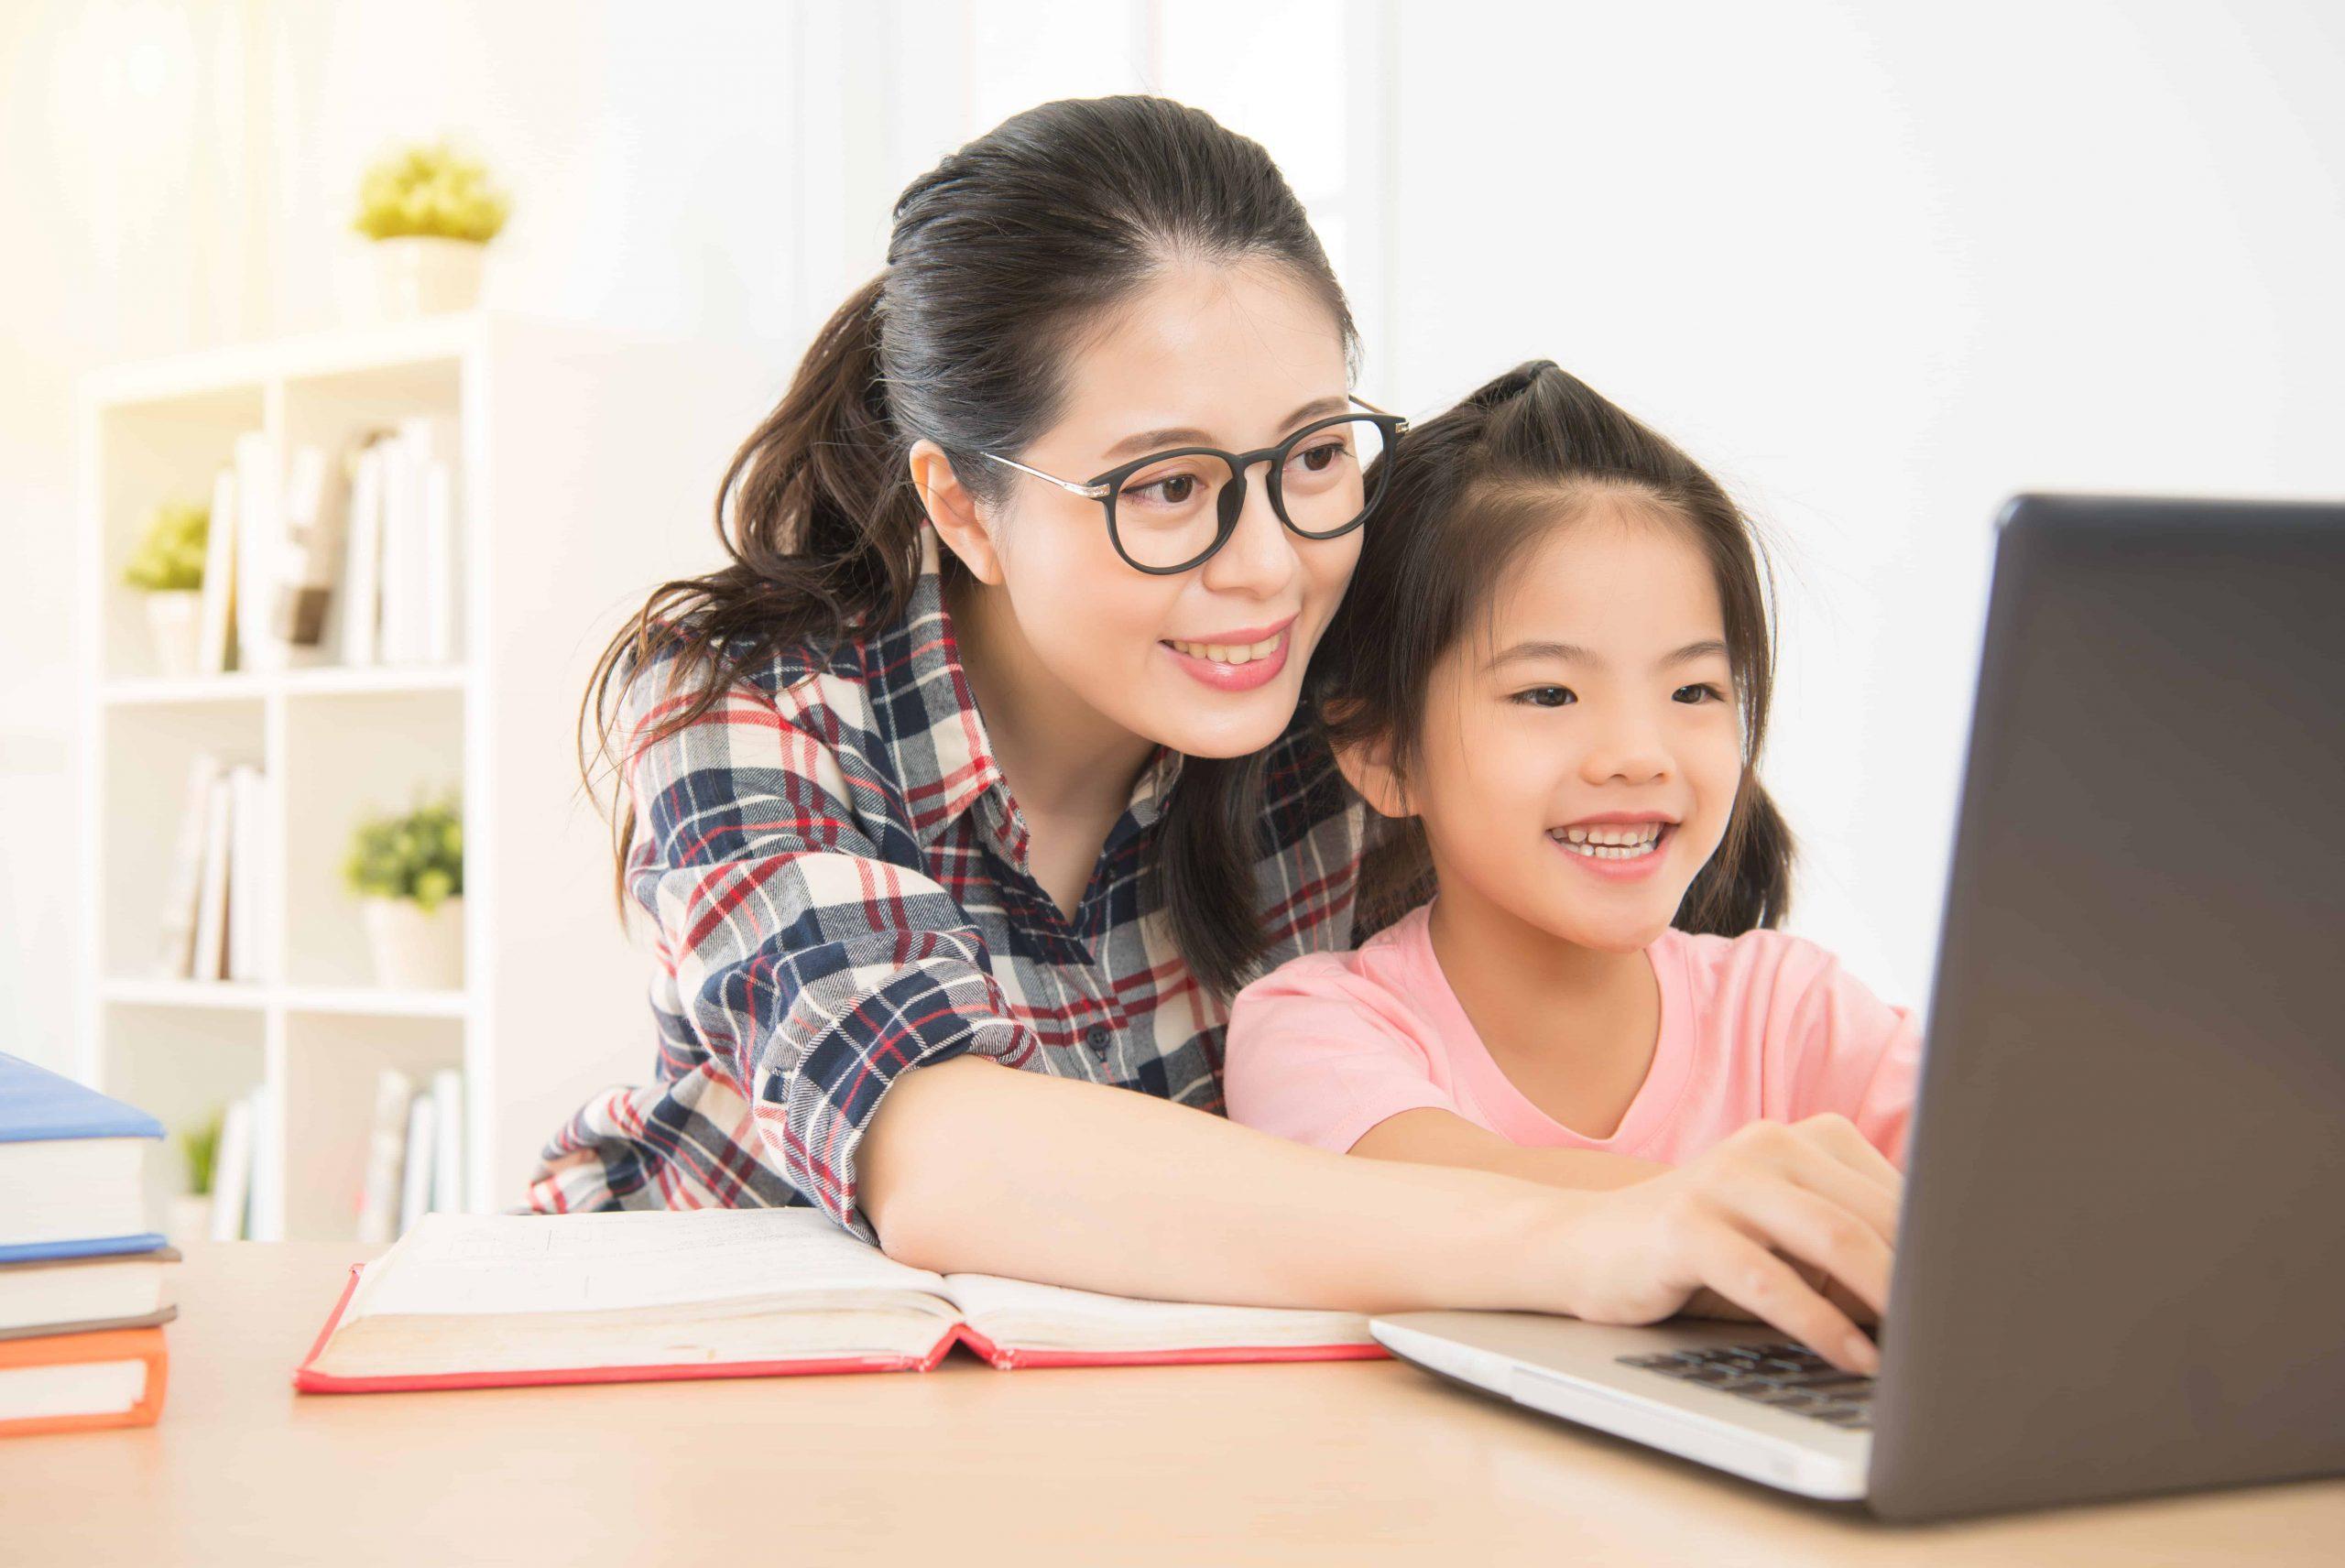 Kinder Laptop: Test & Empfehlungen (01/21)